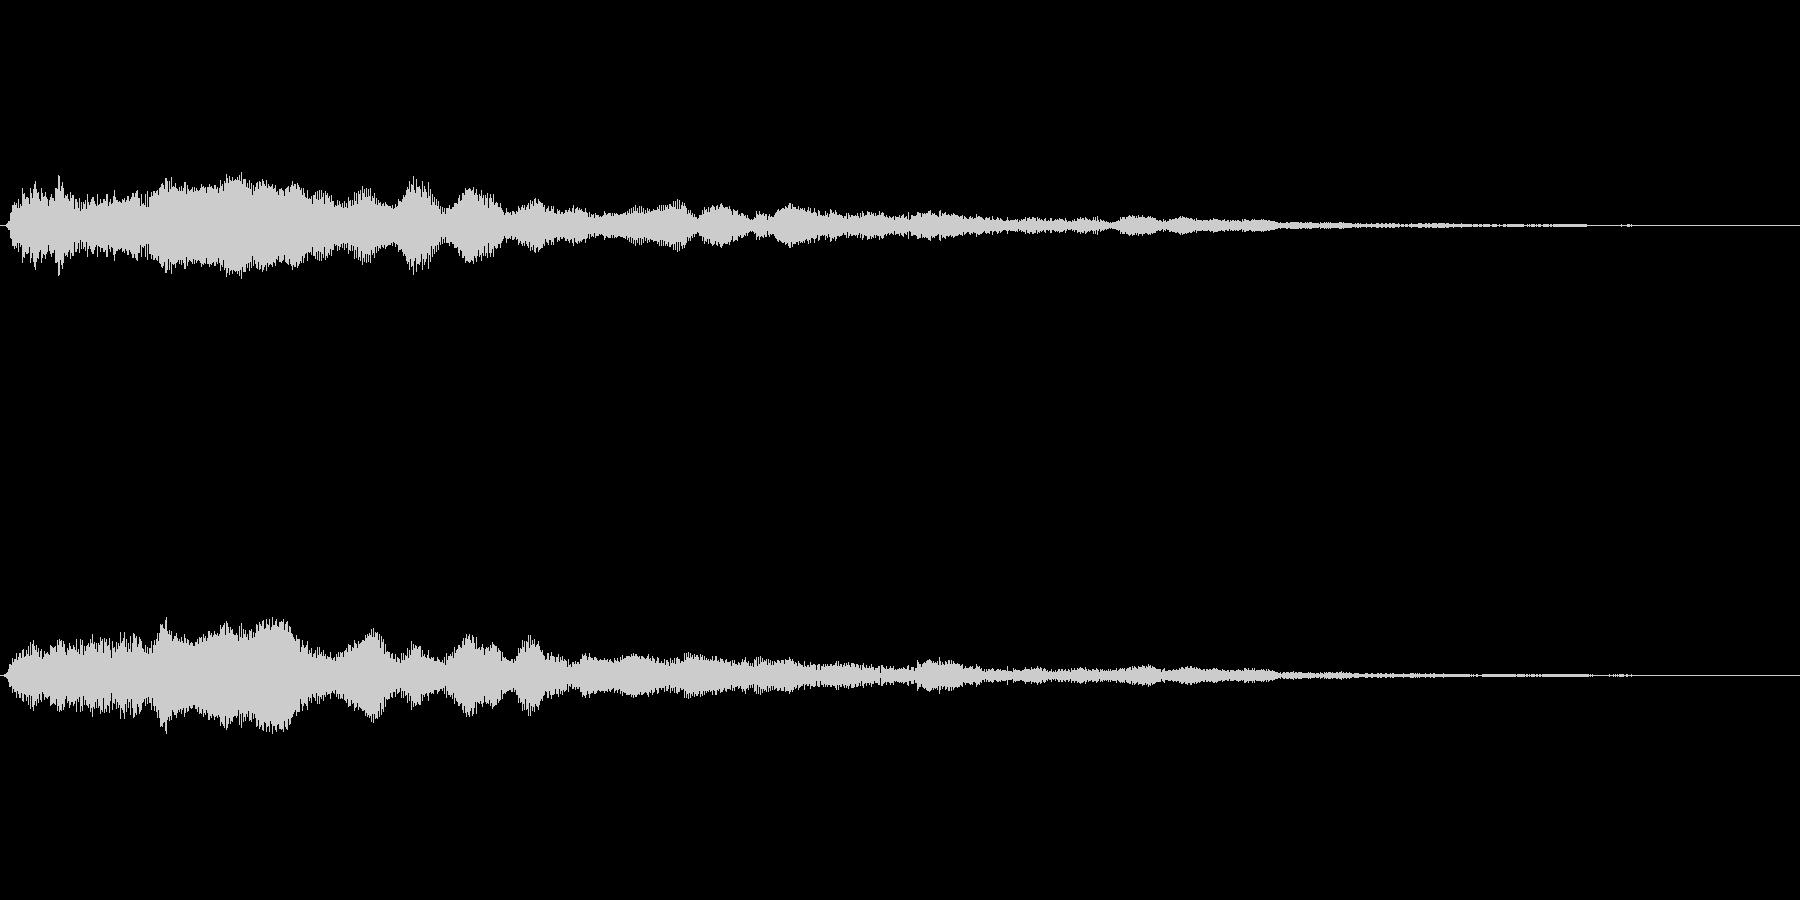 音楽スティンガー;エクステンデッド...の未再生の波形